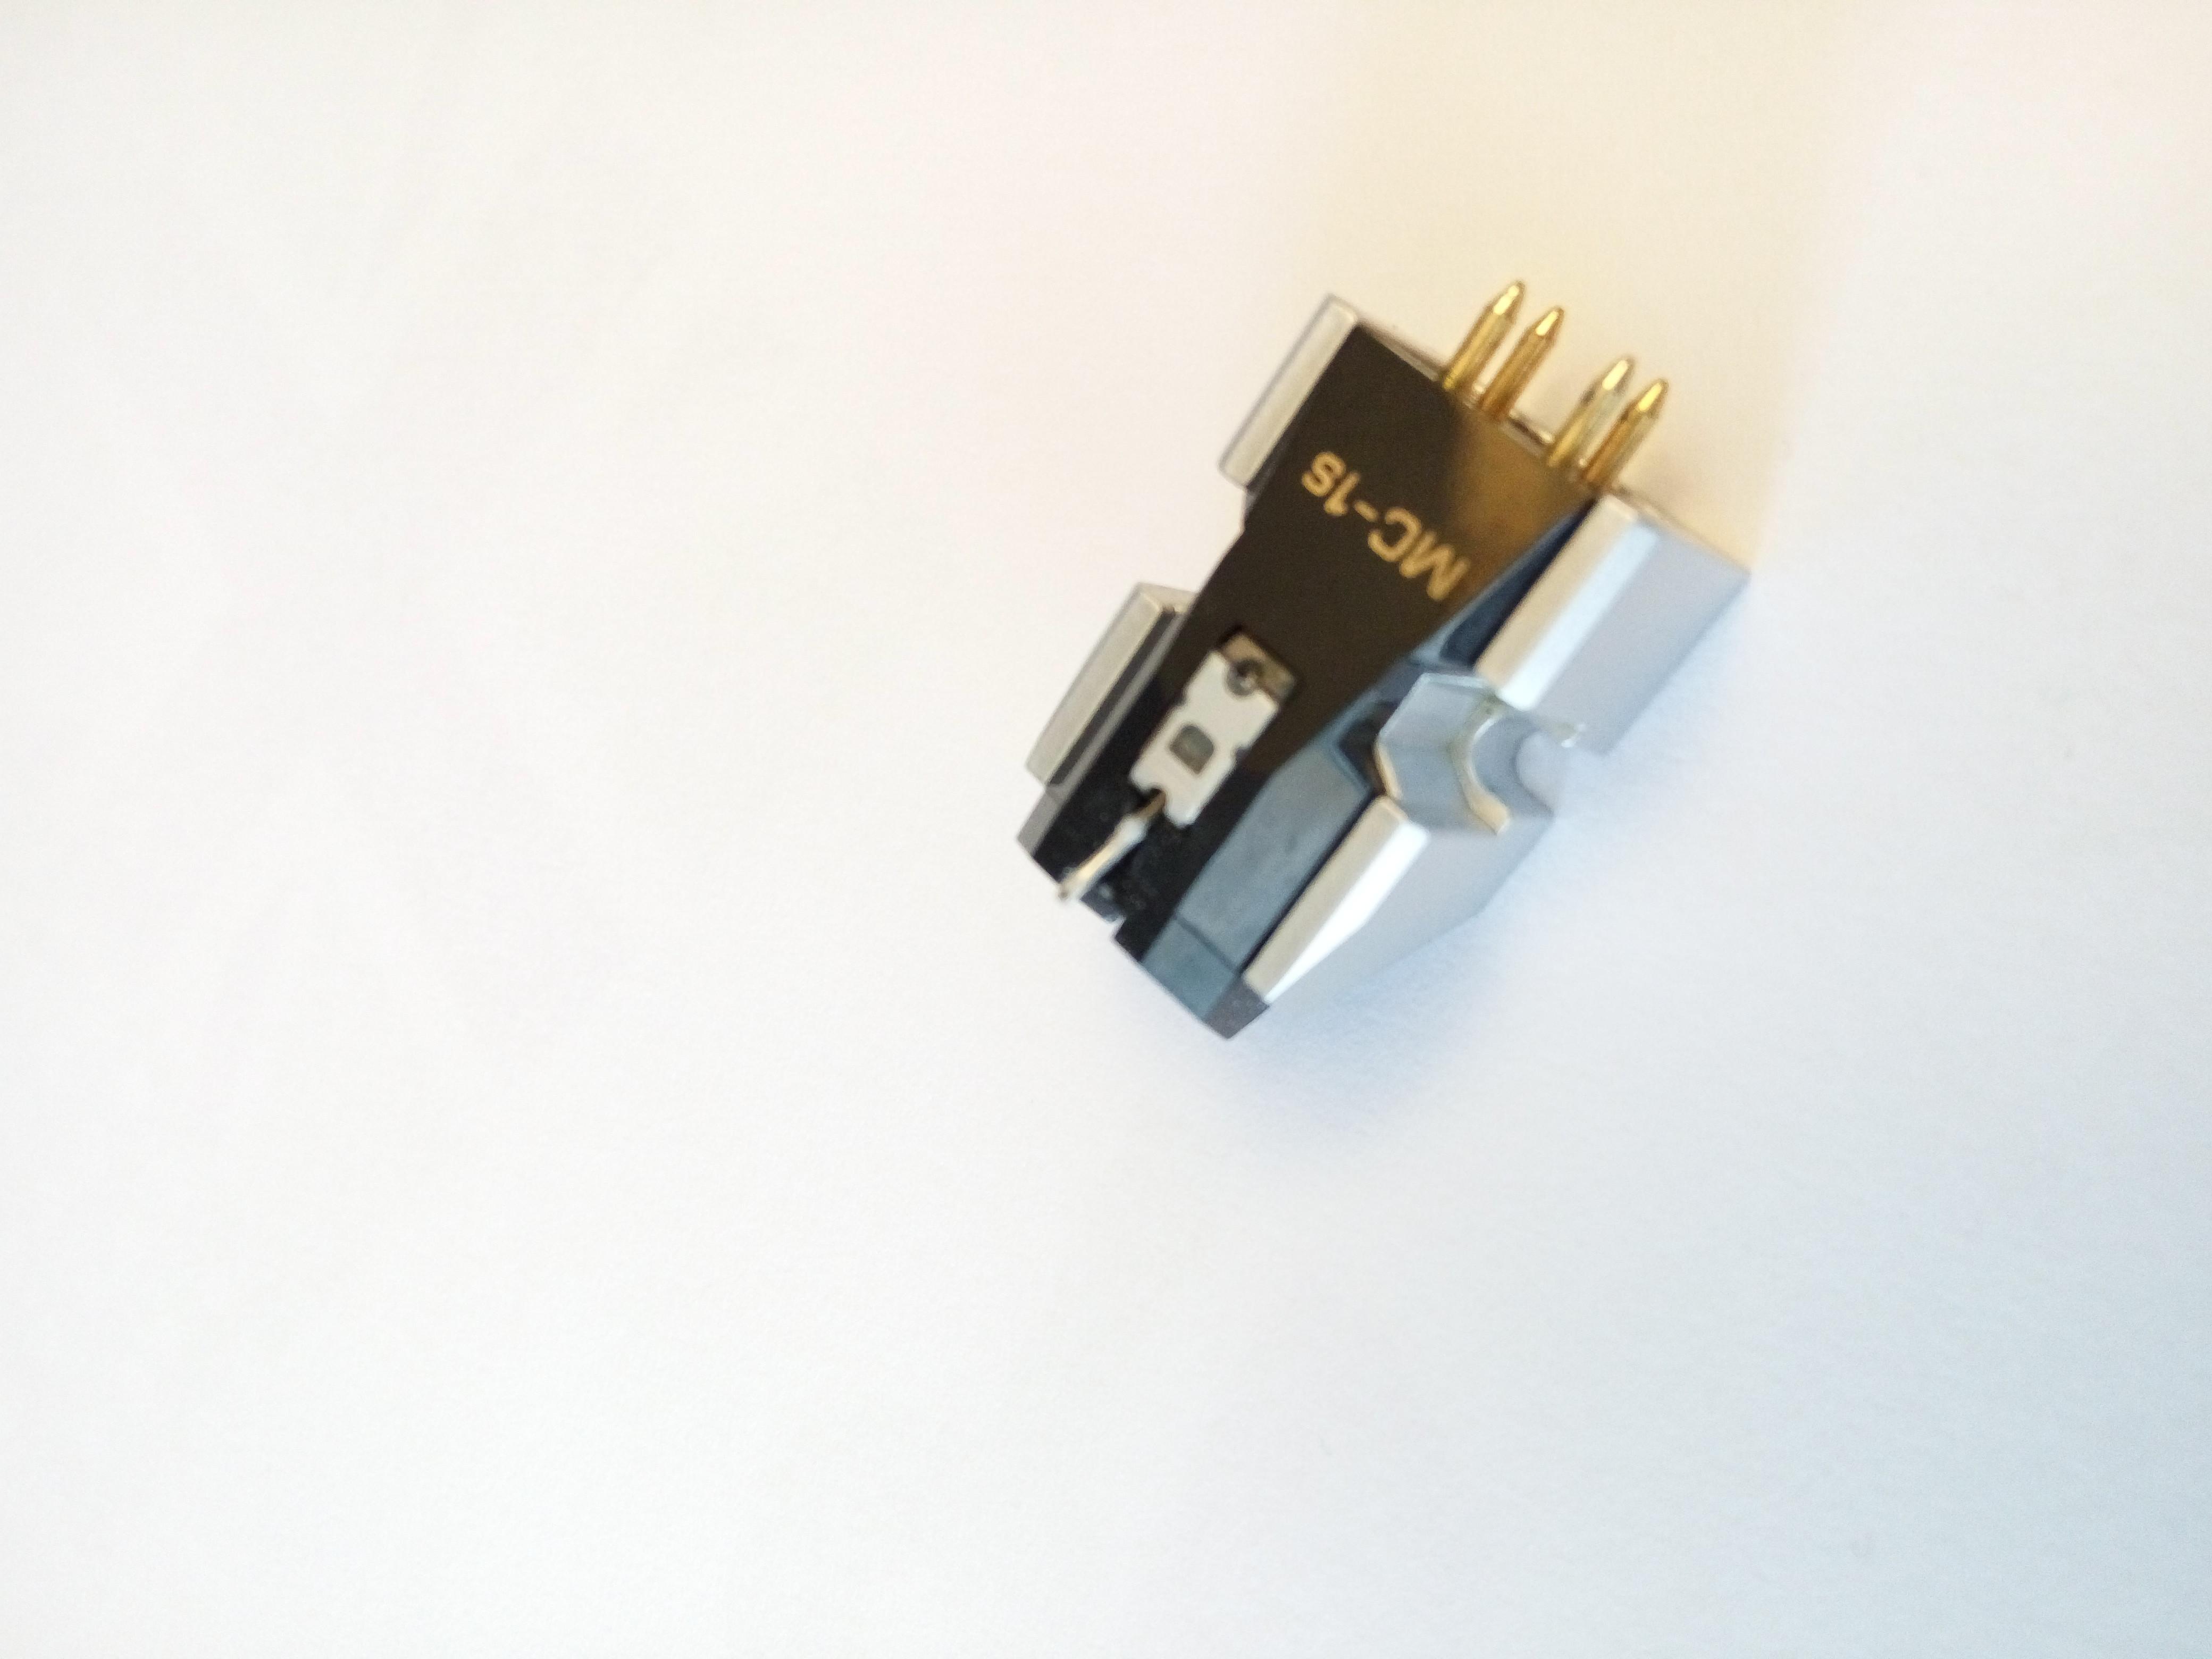 Reparación de cantilever de Ortofon 2M Black. - Página 3 9dc13f6e6cedb4fbfea2a9e020a3403eo